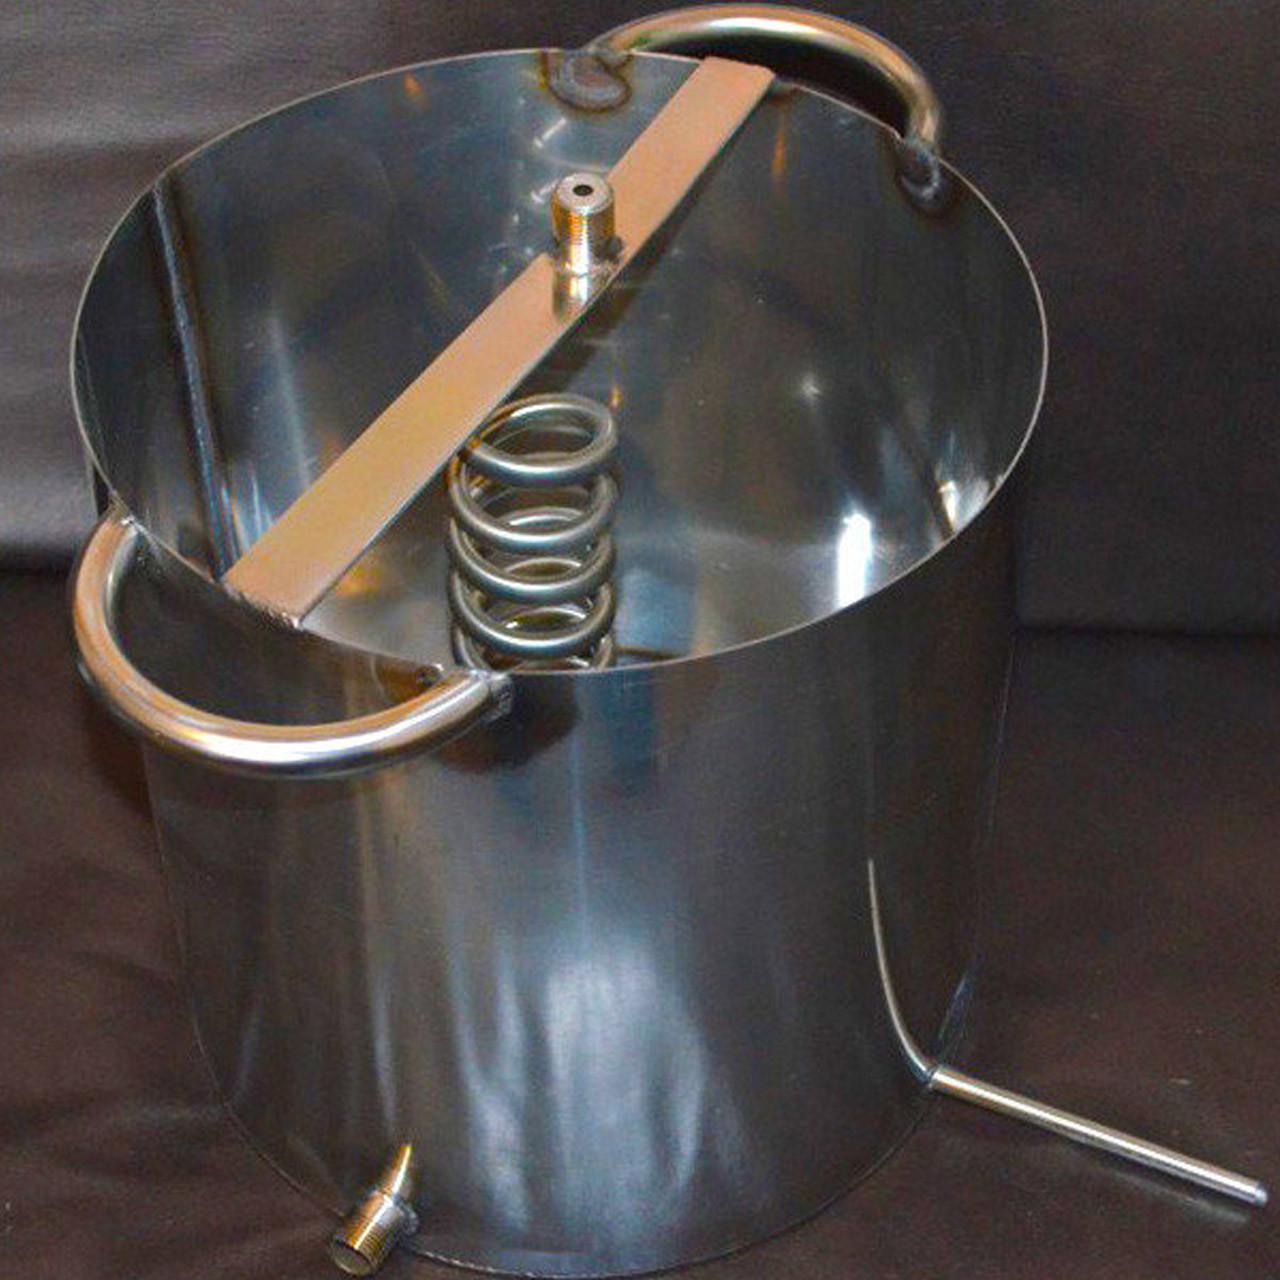 Відкритий охолоджувач для побутового дистилятора